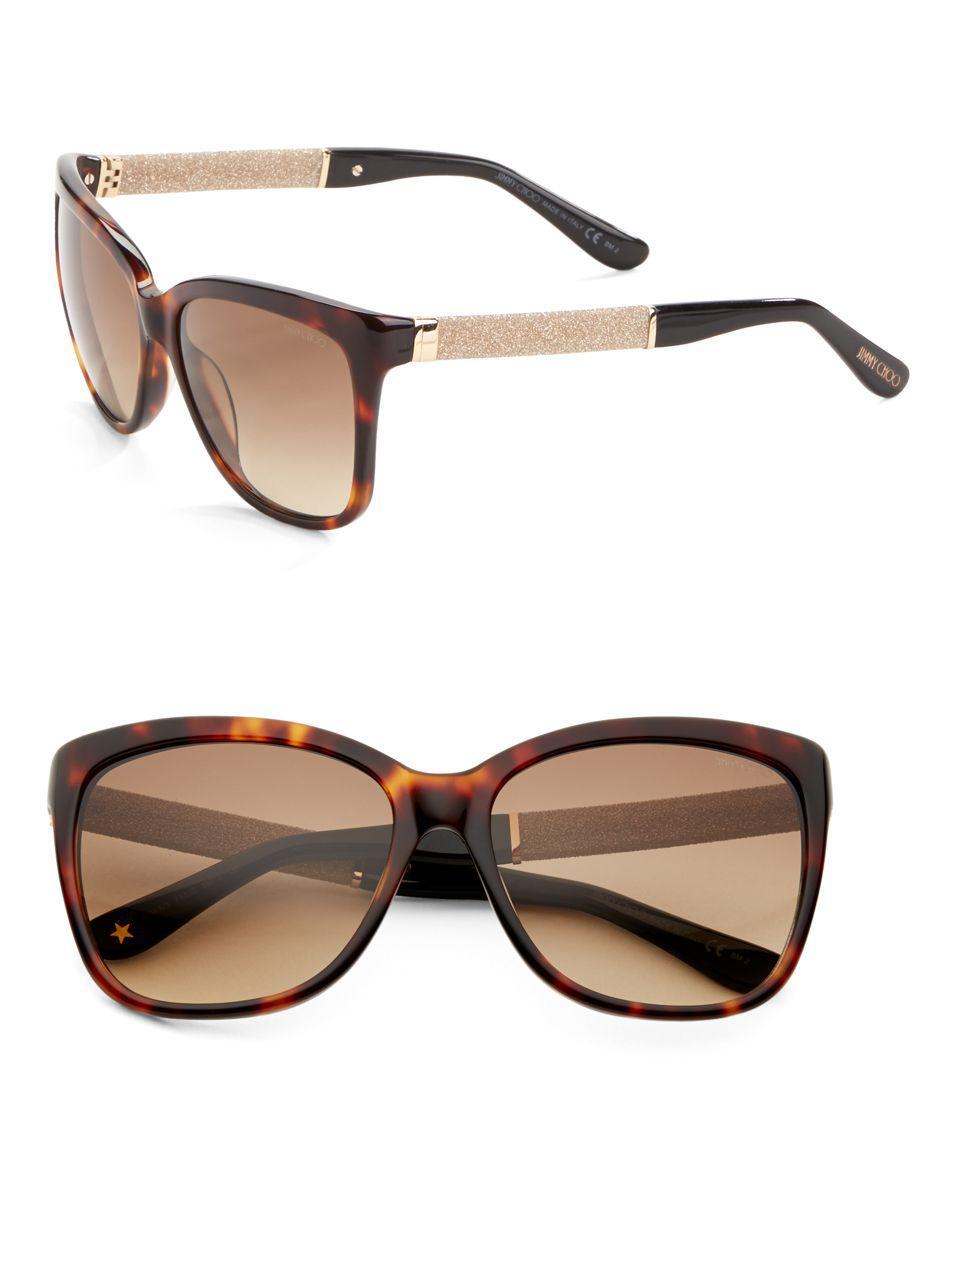 b7291dbdb51 Jimmy Choo Cora 56mm Square Sunglasses in Brown - Lyst